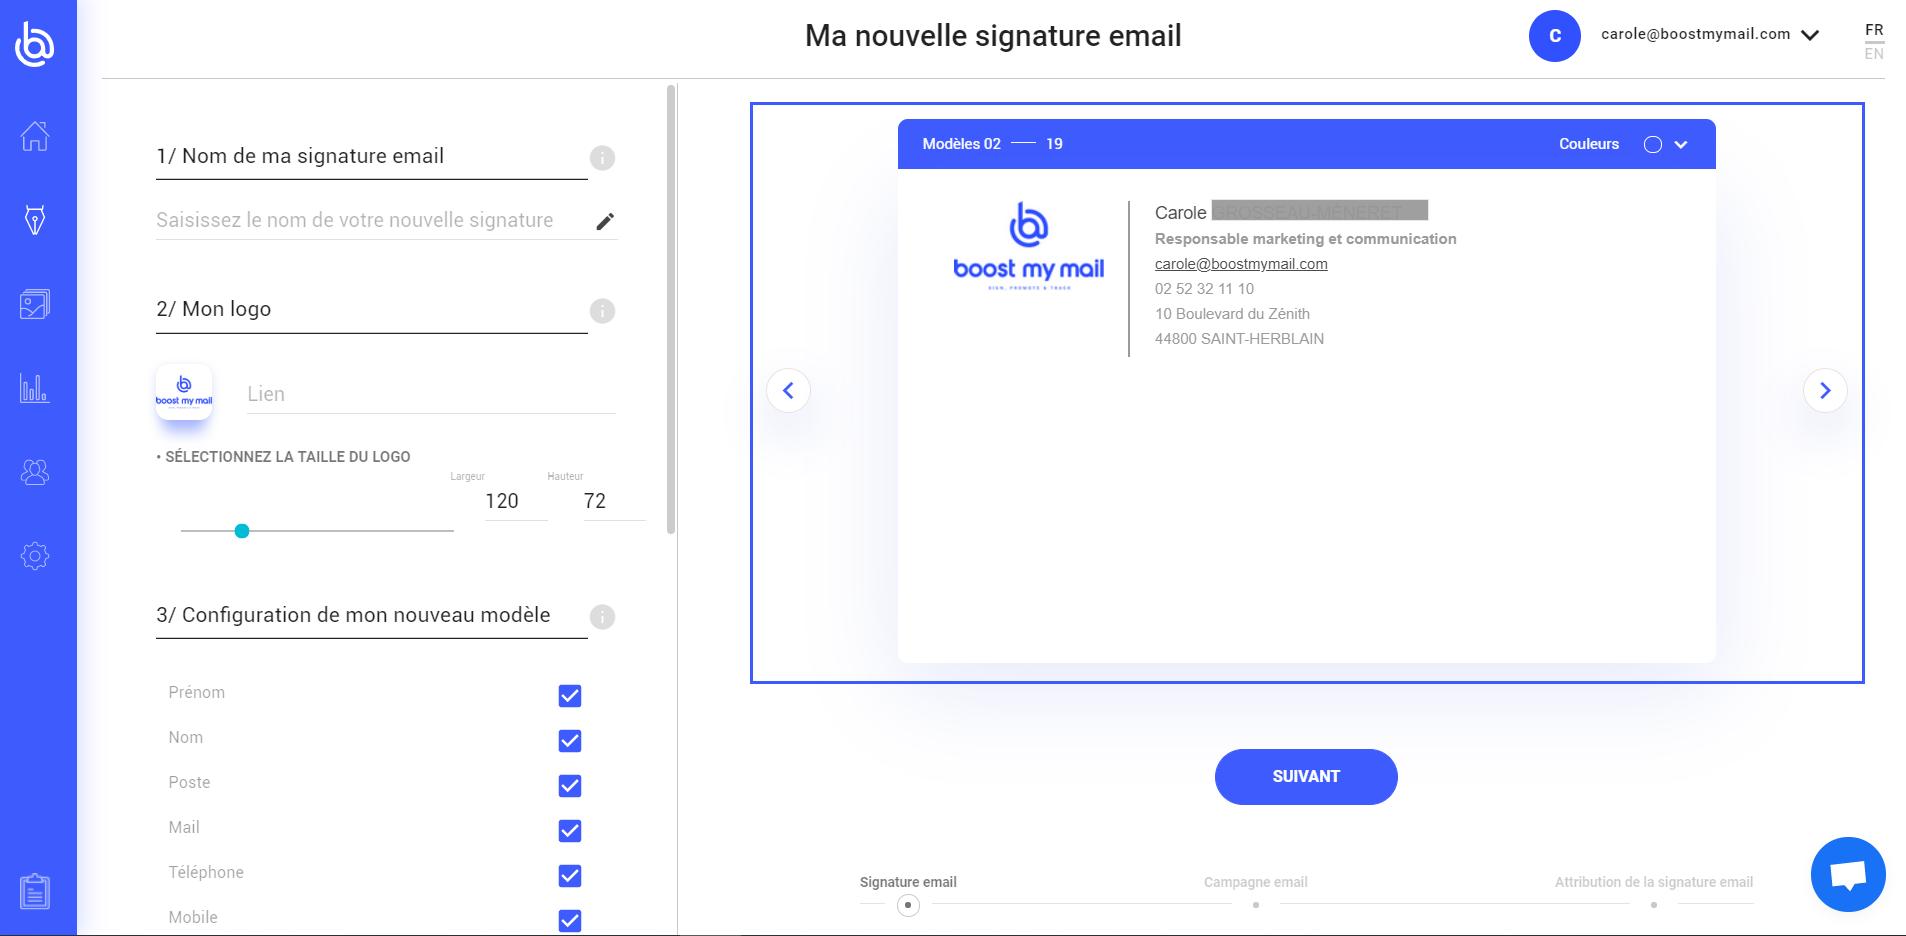 créer signature email personnalisée